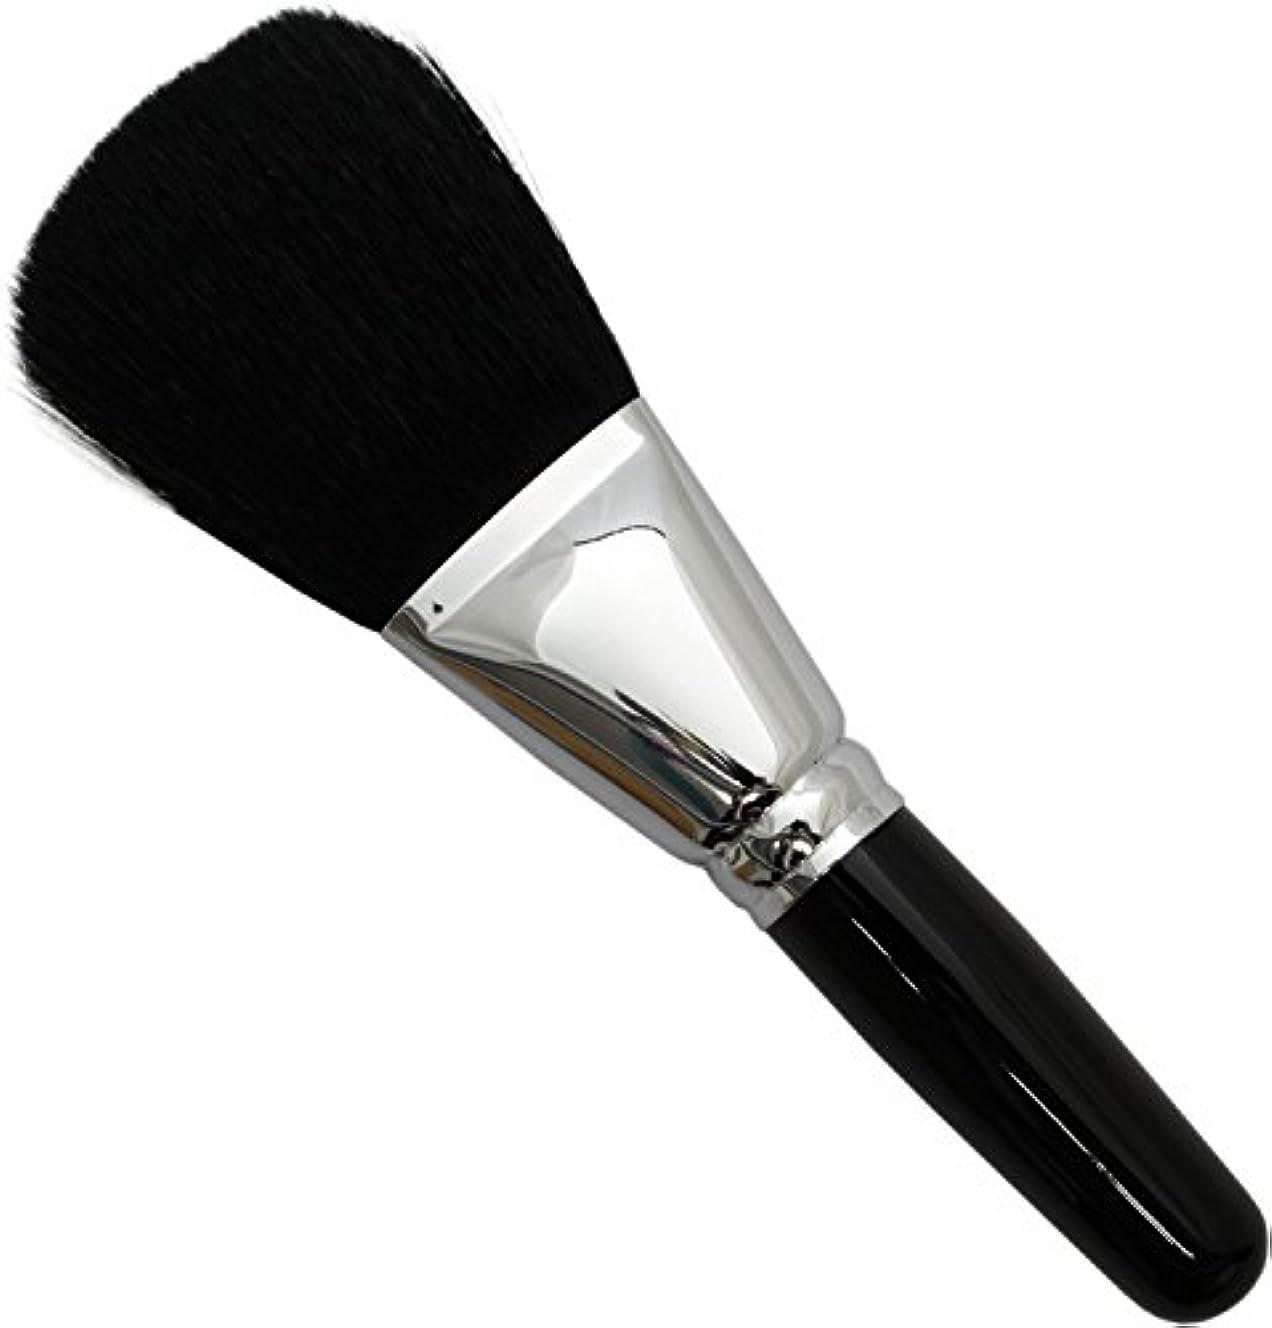 グッゲンハイム美術館ケープ所有権熊野筆 メイクブラシ SRシリーズ フィニッシングブラシ 山羊毛